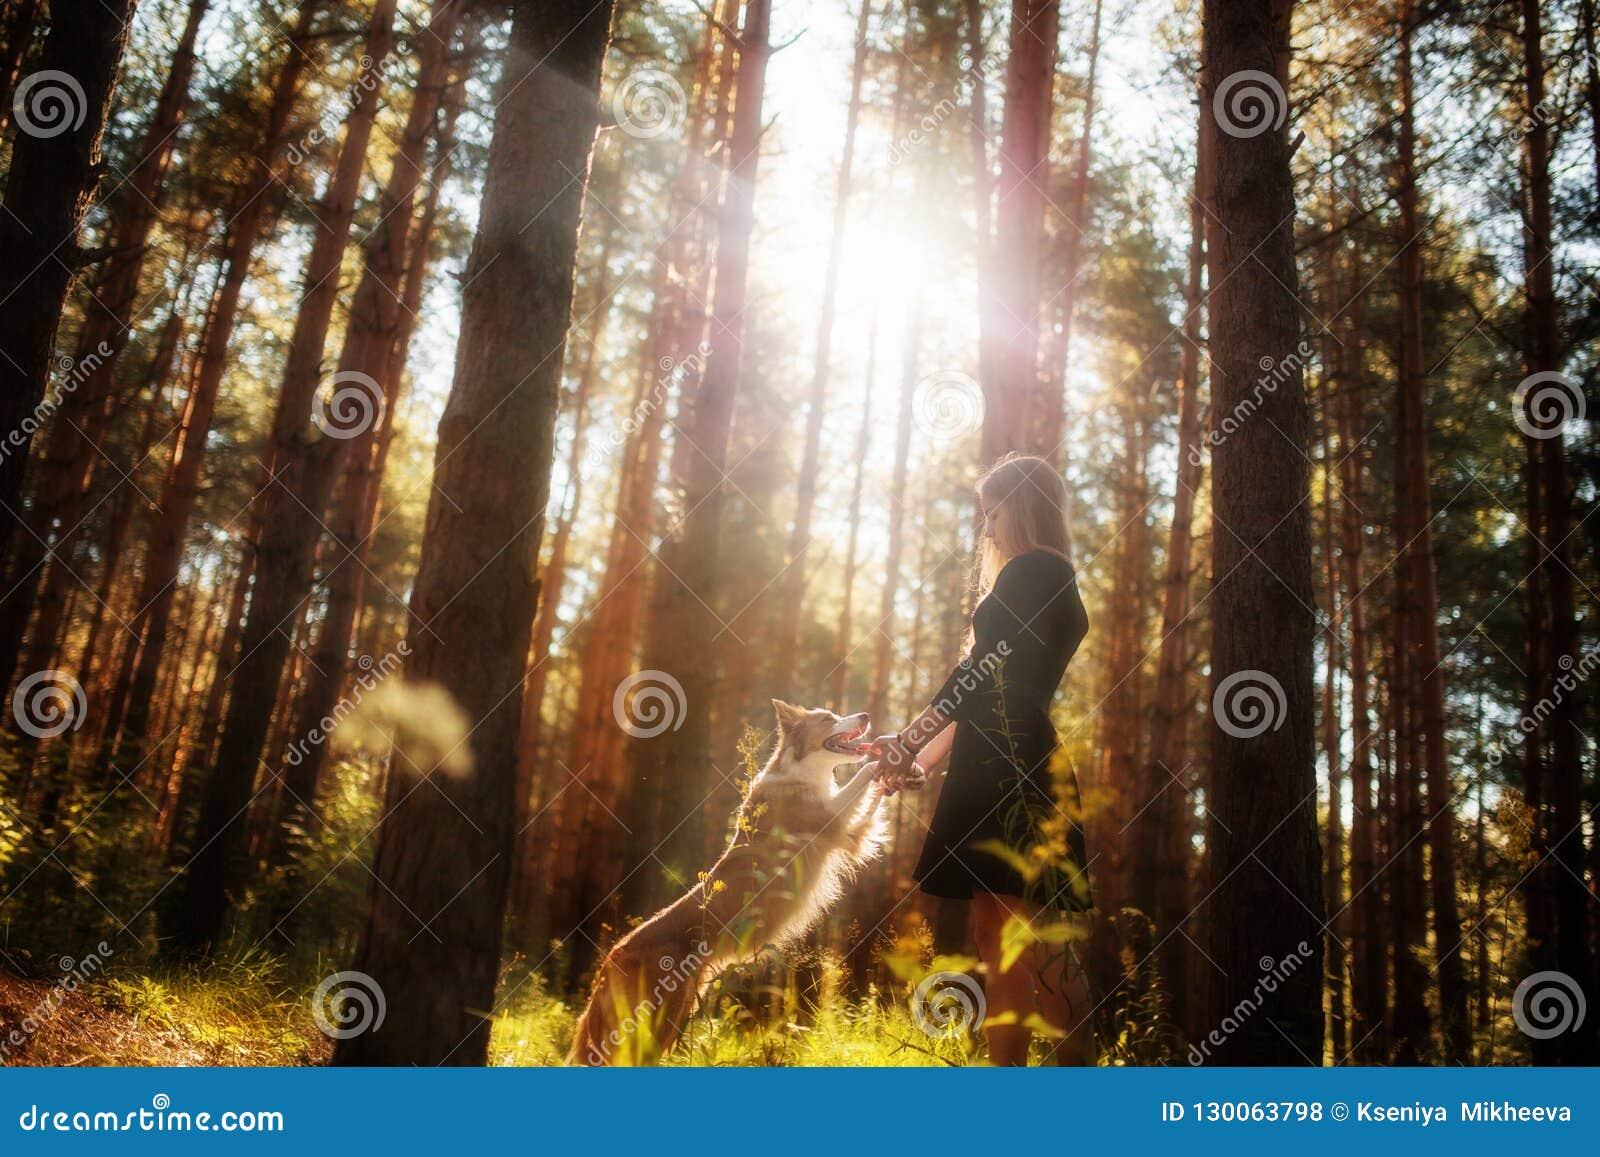 Όμορφο κορίτσι στο φόρεμα στο δάσος με το σκυλί της που πηδά και που παίζει